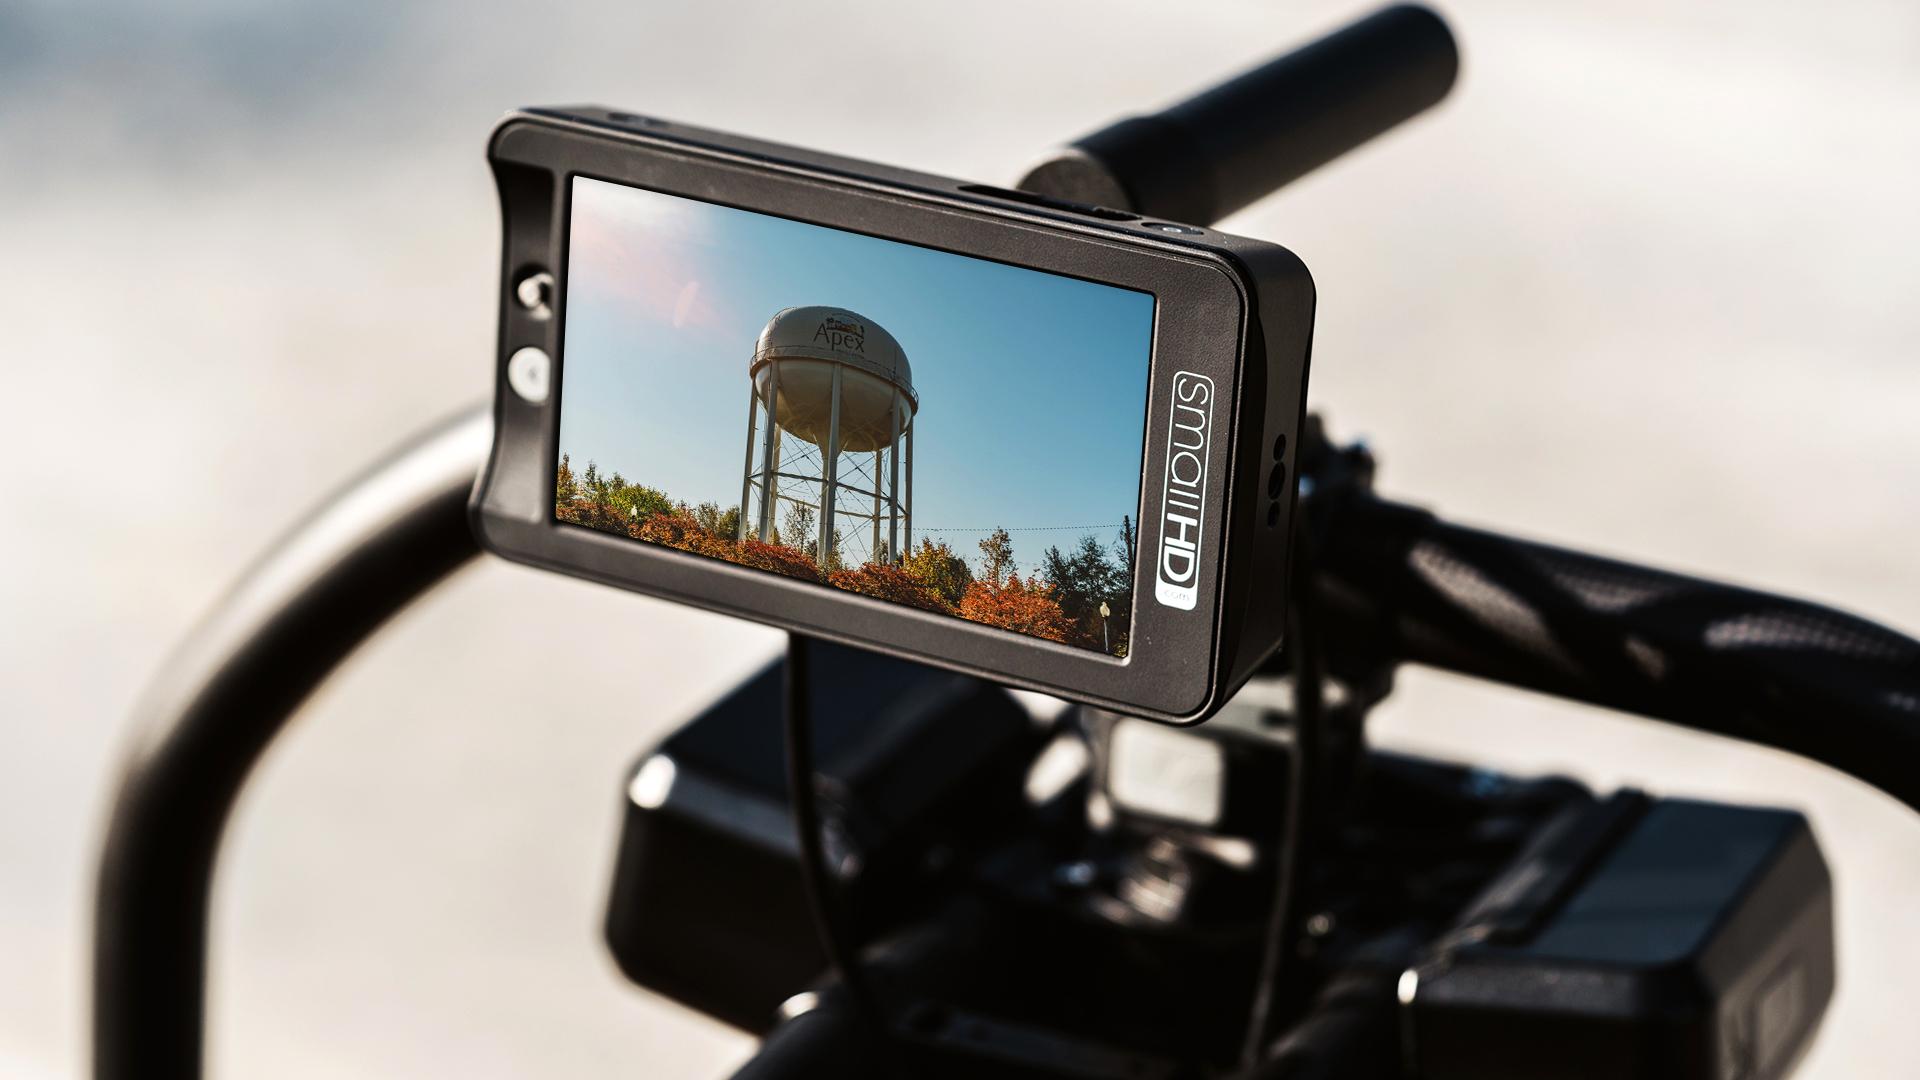 Small HDが502 Brightを発表 - 1000nitsの明るさを持ちジンバルに最適な小型モニター